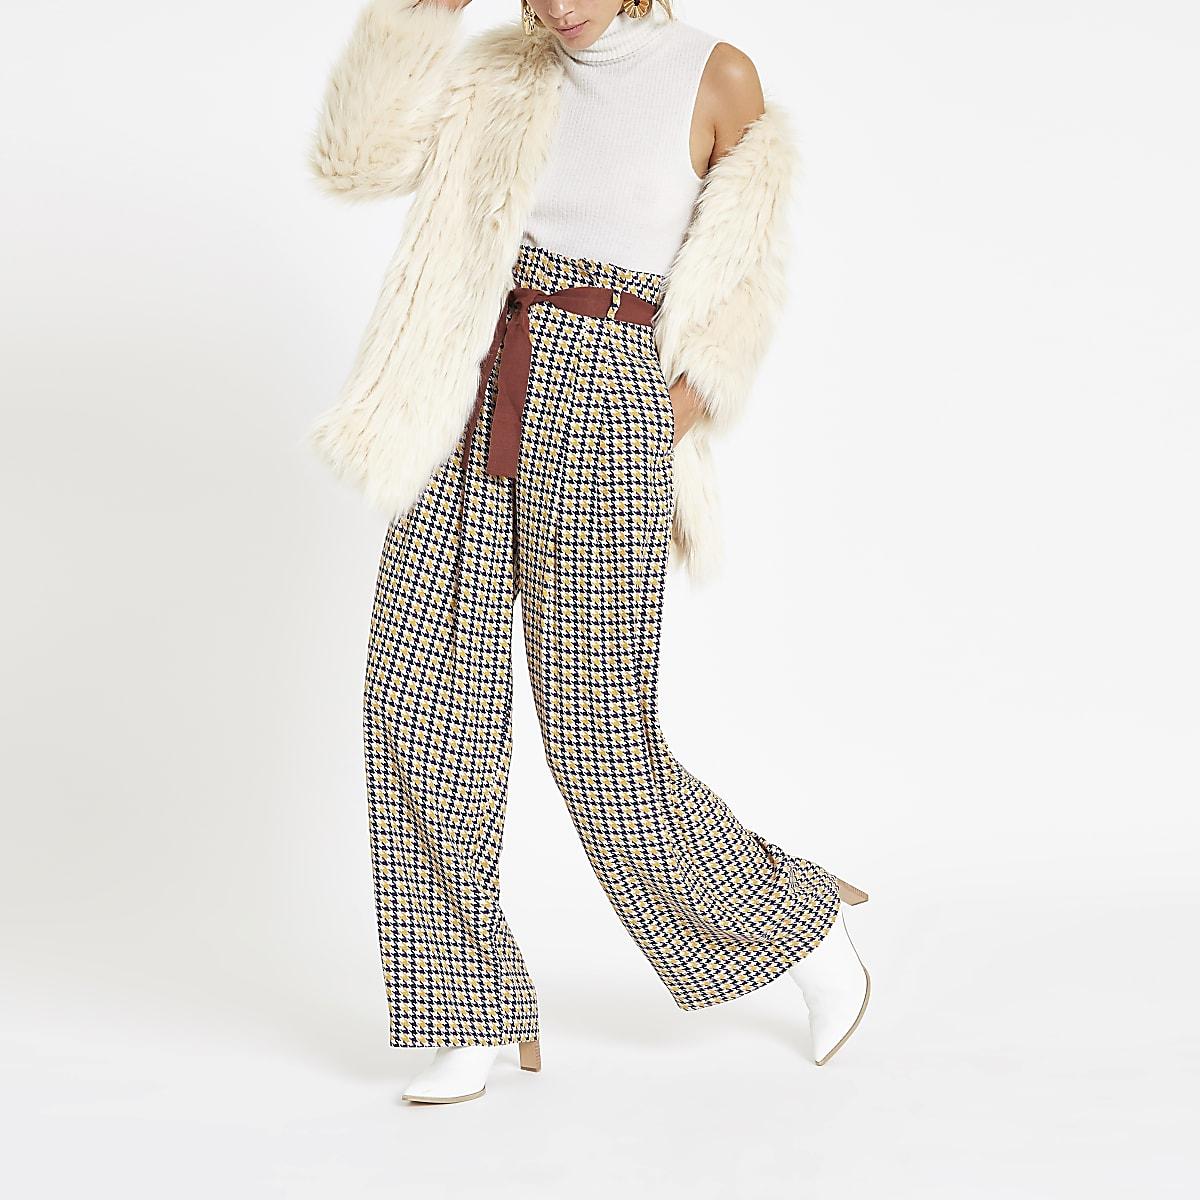 Brown printed wide leg belted pants